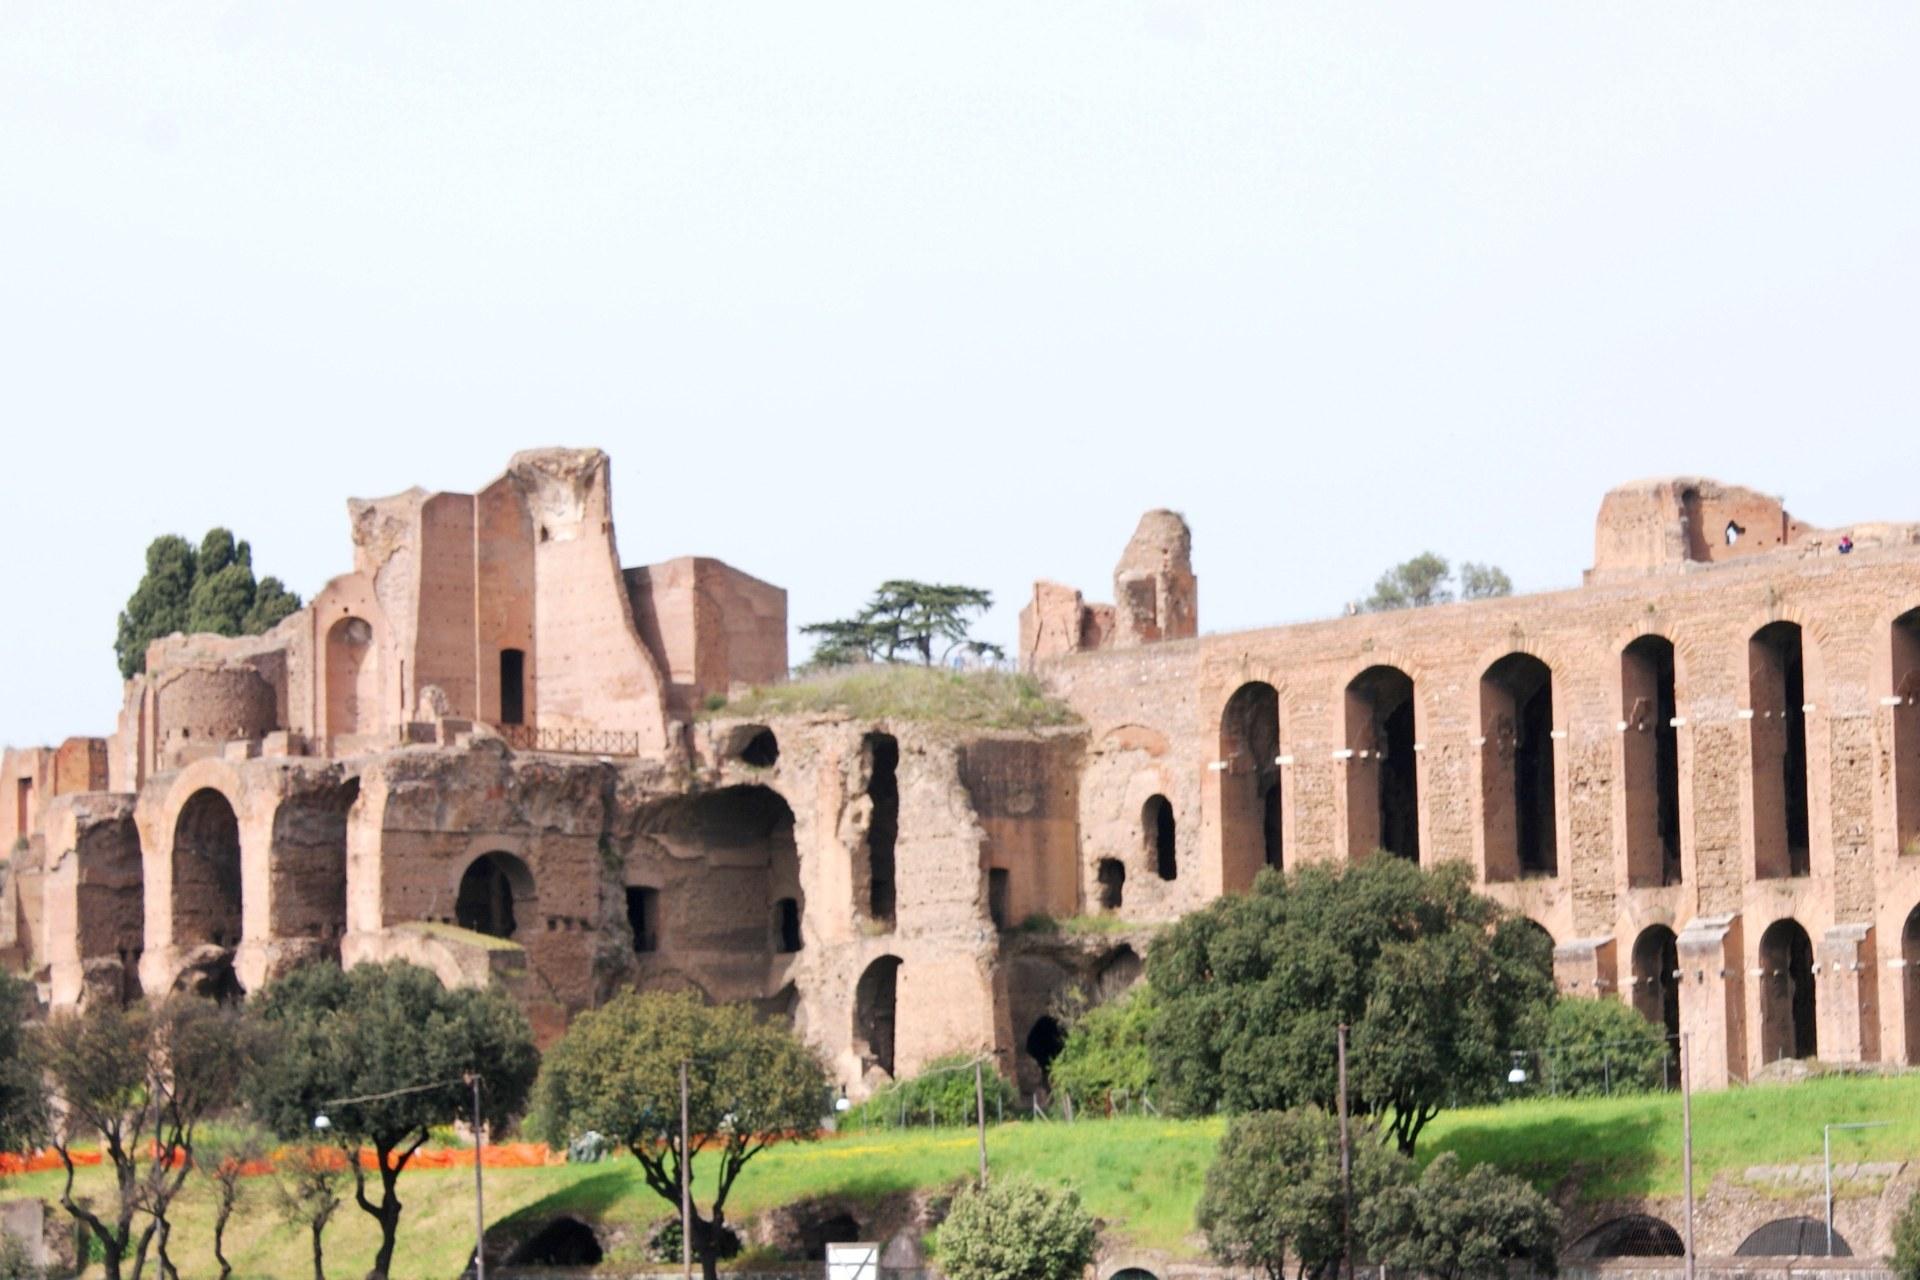 Images - Stald - Rome Printemps 2016 - 04:05 - 30